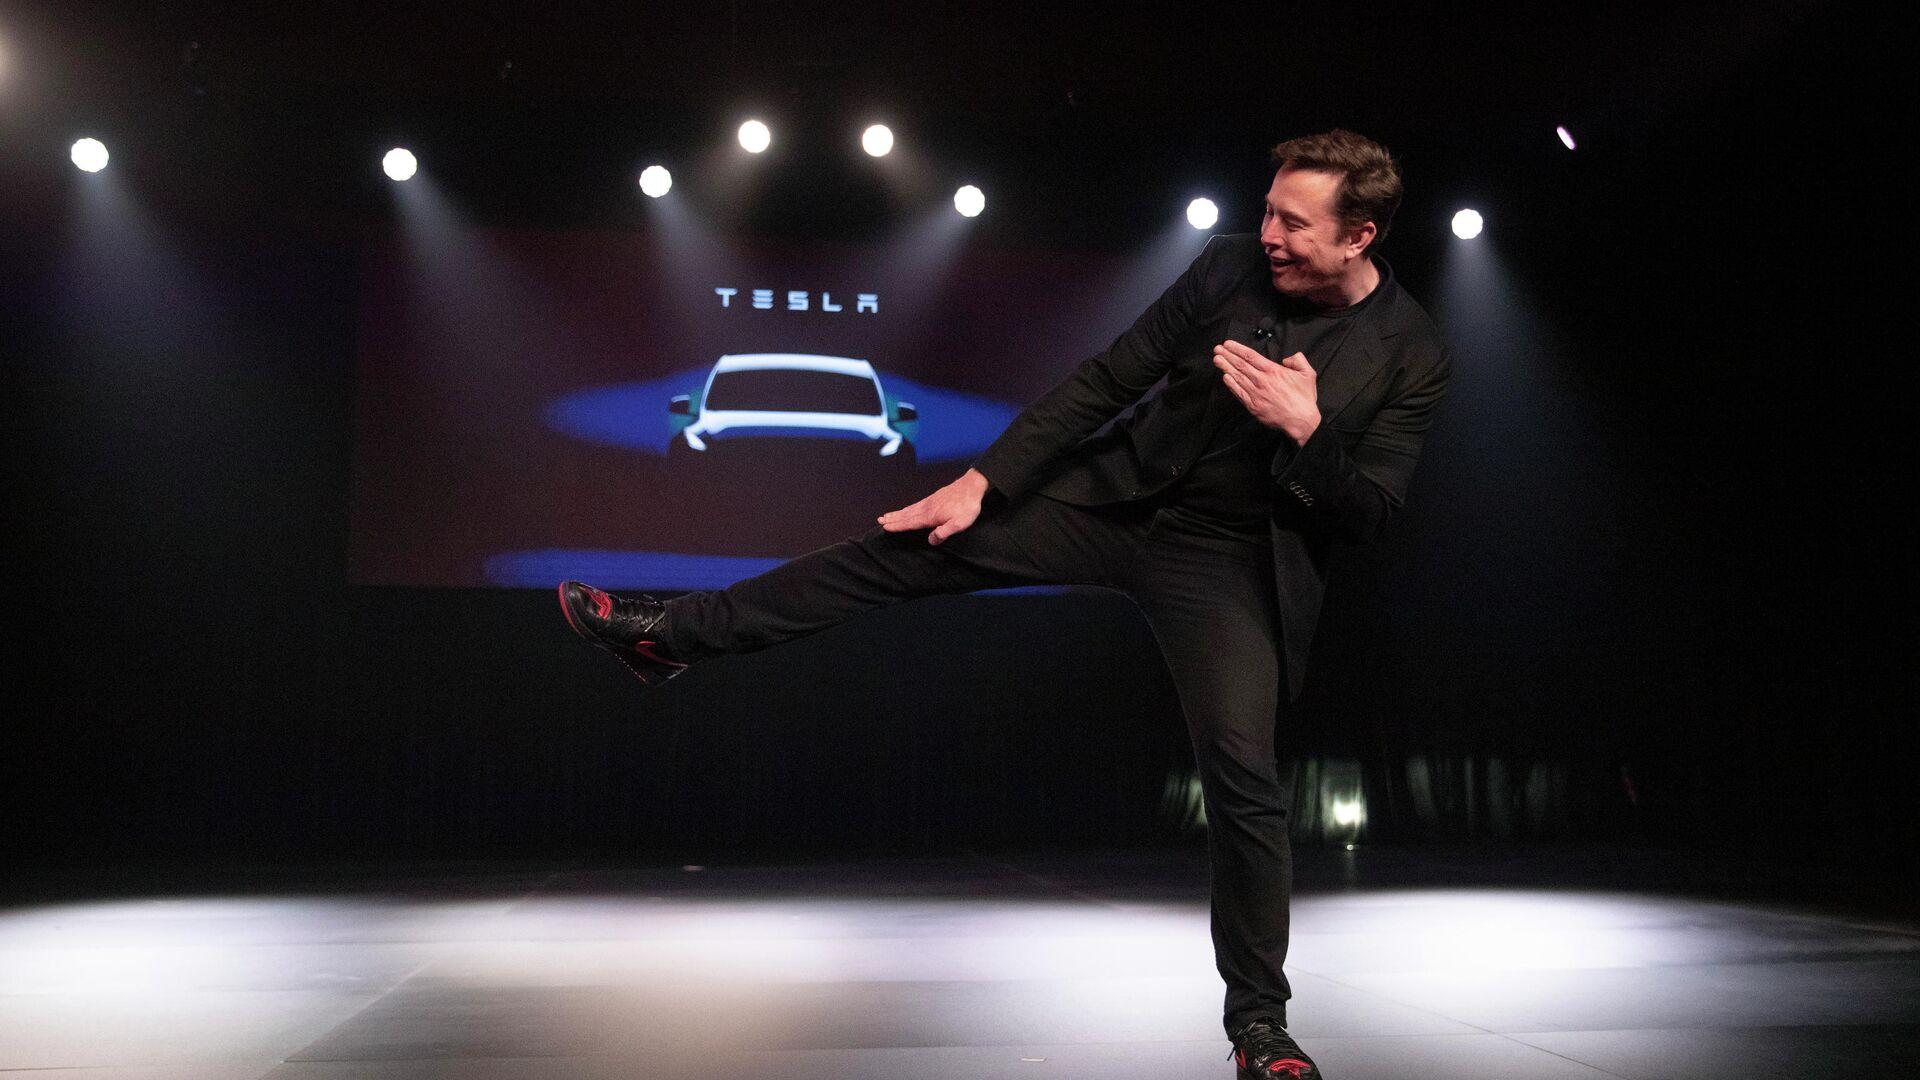 Глава компании Tesla Илон Маск во время презентации автомобиля Tesla Model Y. 14 марта 2019 - РИА Новости, 1920, 05.08.2020